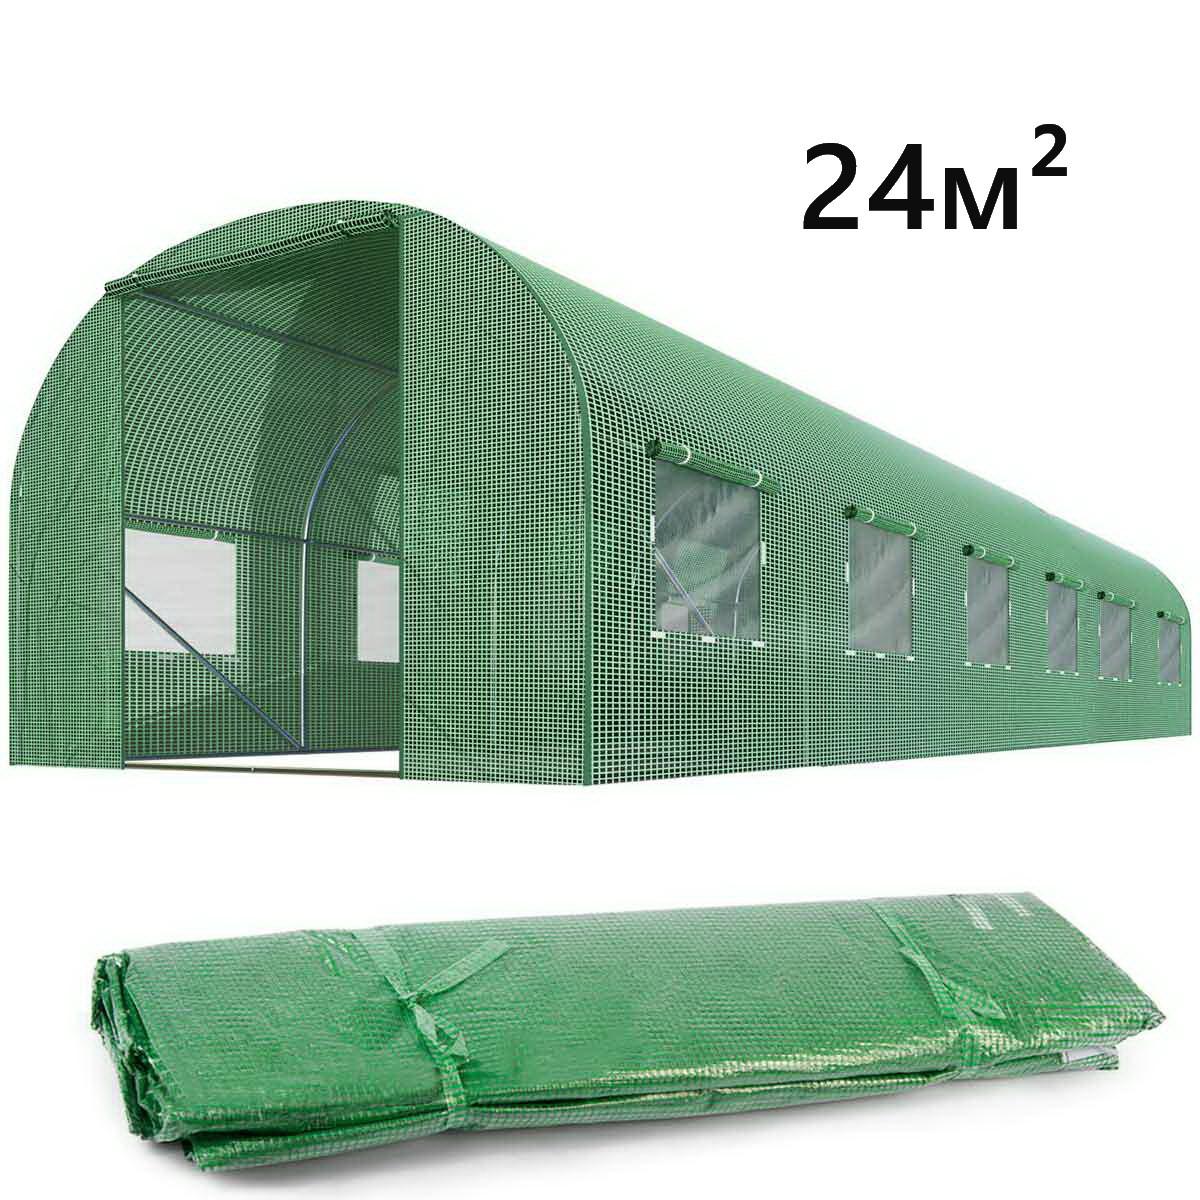 Плівка для теплиці Homart 8x3m 24m2 (9413)